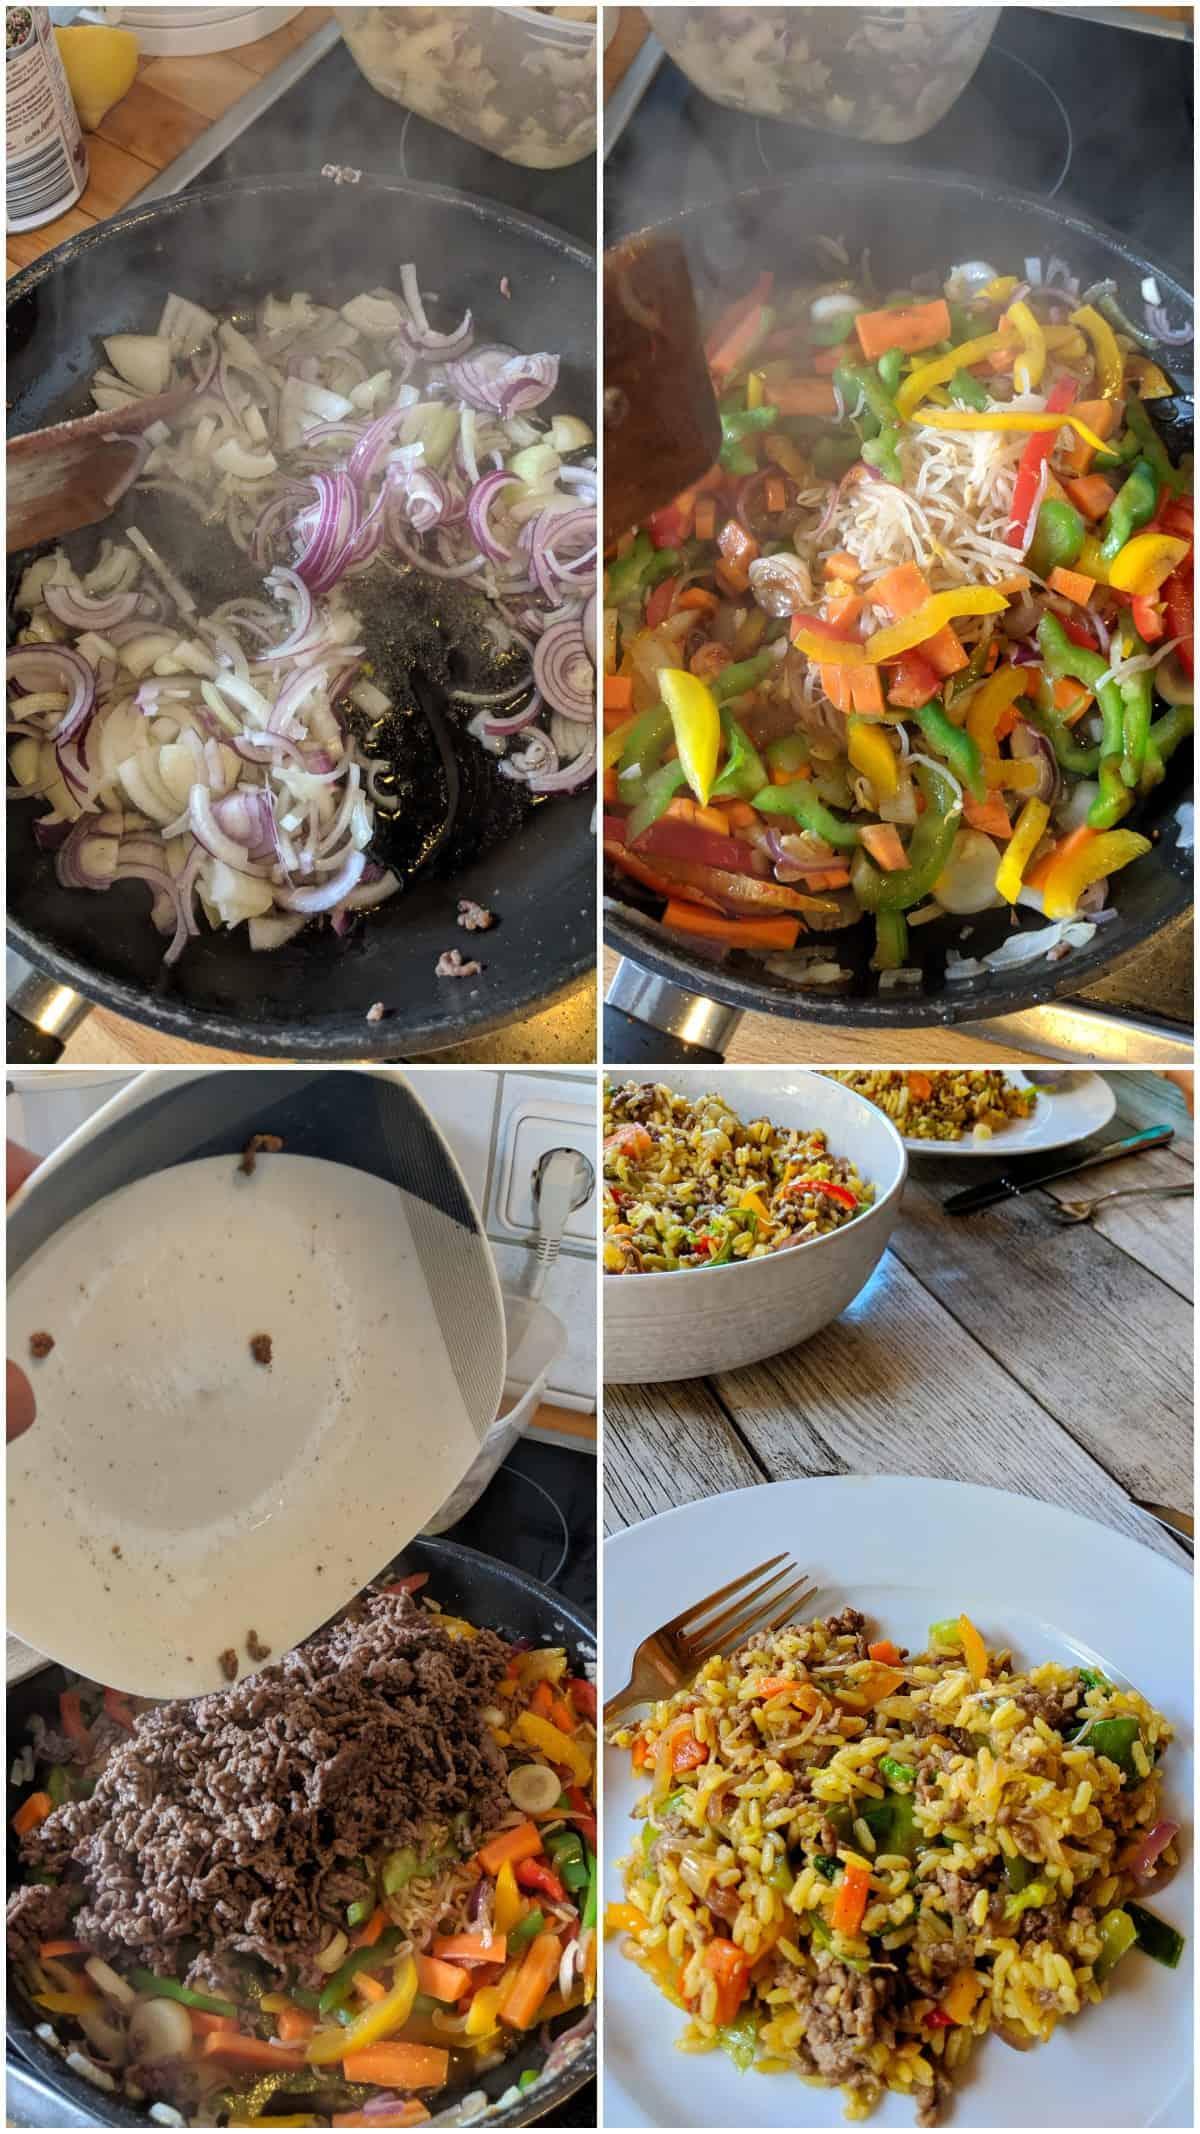 Eine Collage der Zubereitungsschritte der Asia Reispfanne mit Gemüse und Rinderhack.